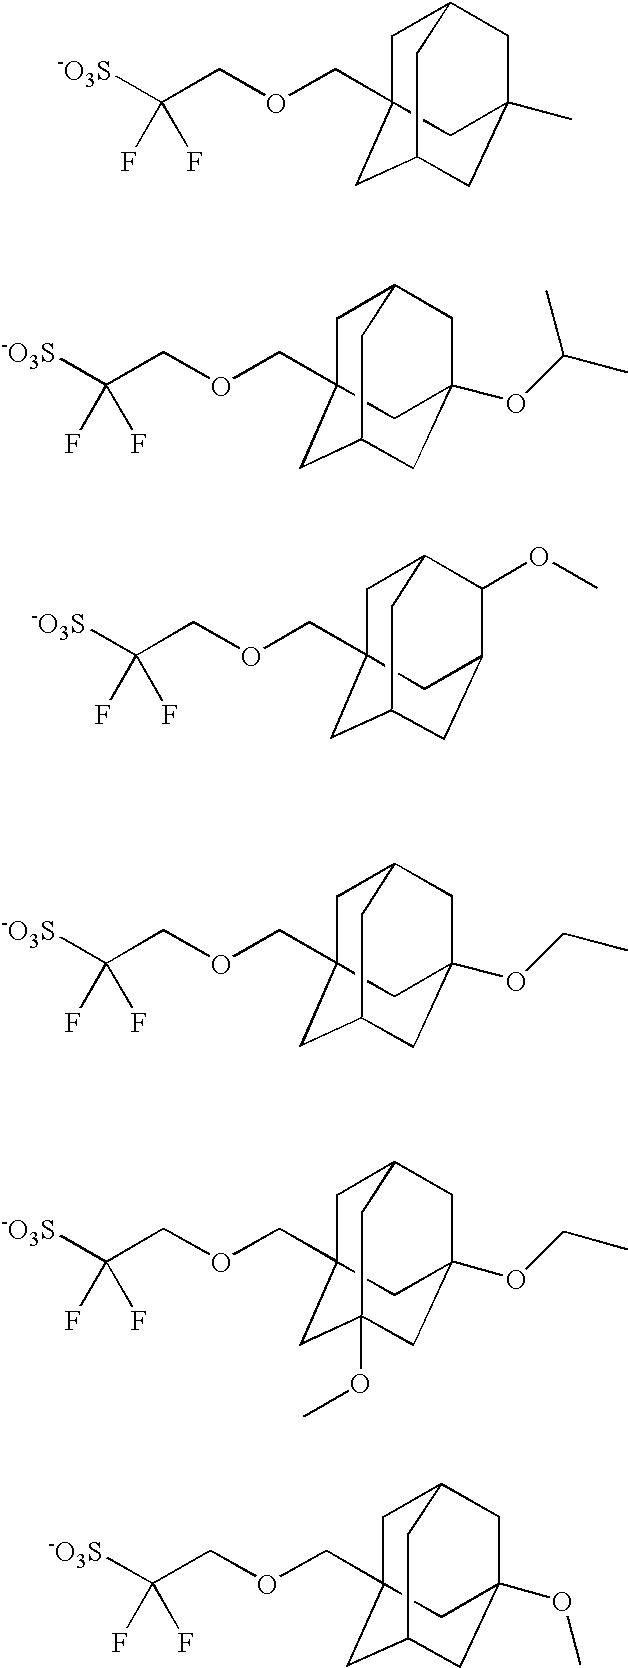 Figure US20100323296A1-20101223-C00126